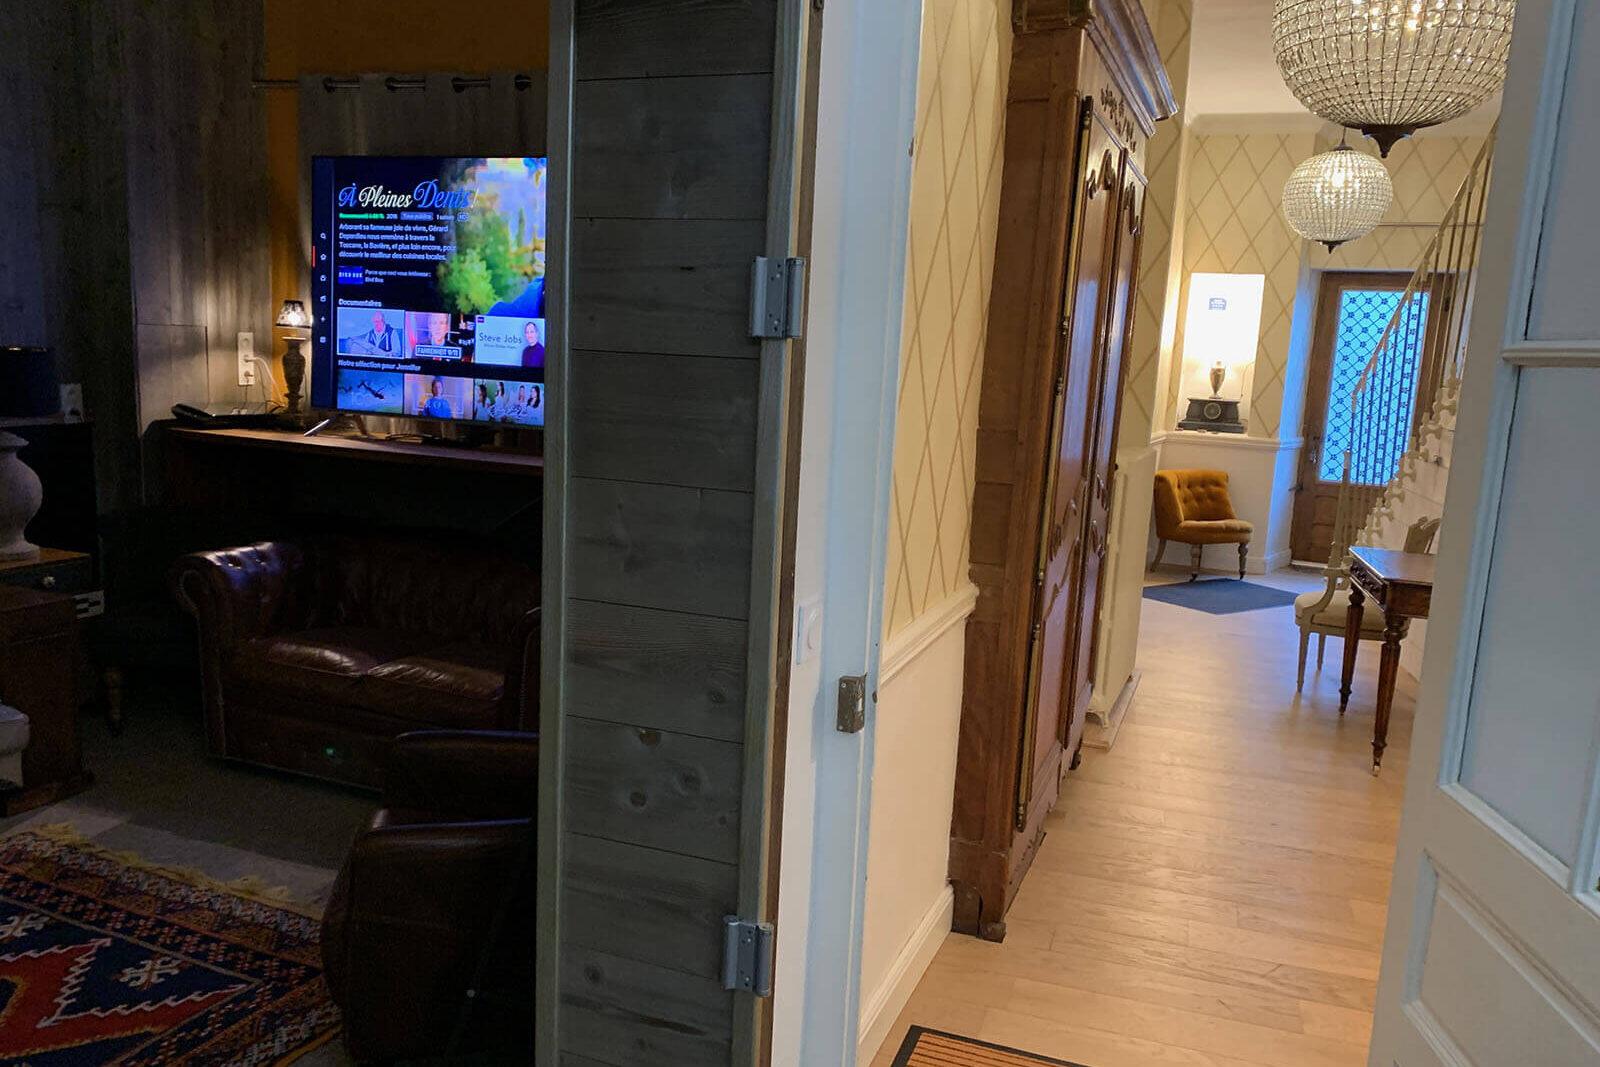 Villa dei7 1600x1067 - 8 CHAMBRES & 6 SDB - Location de Gite La Clef Decamp - Laclefdecamp.fr